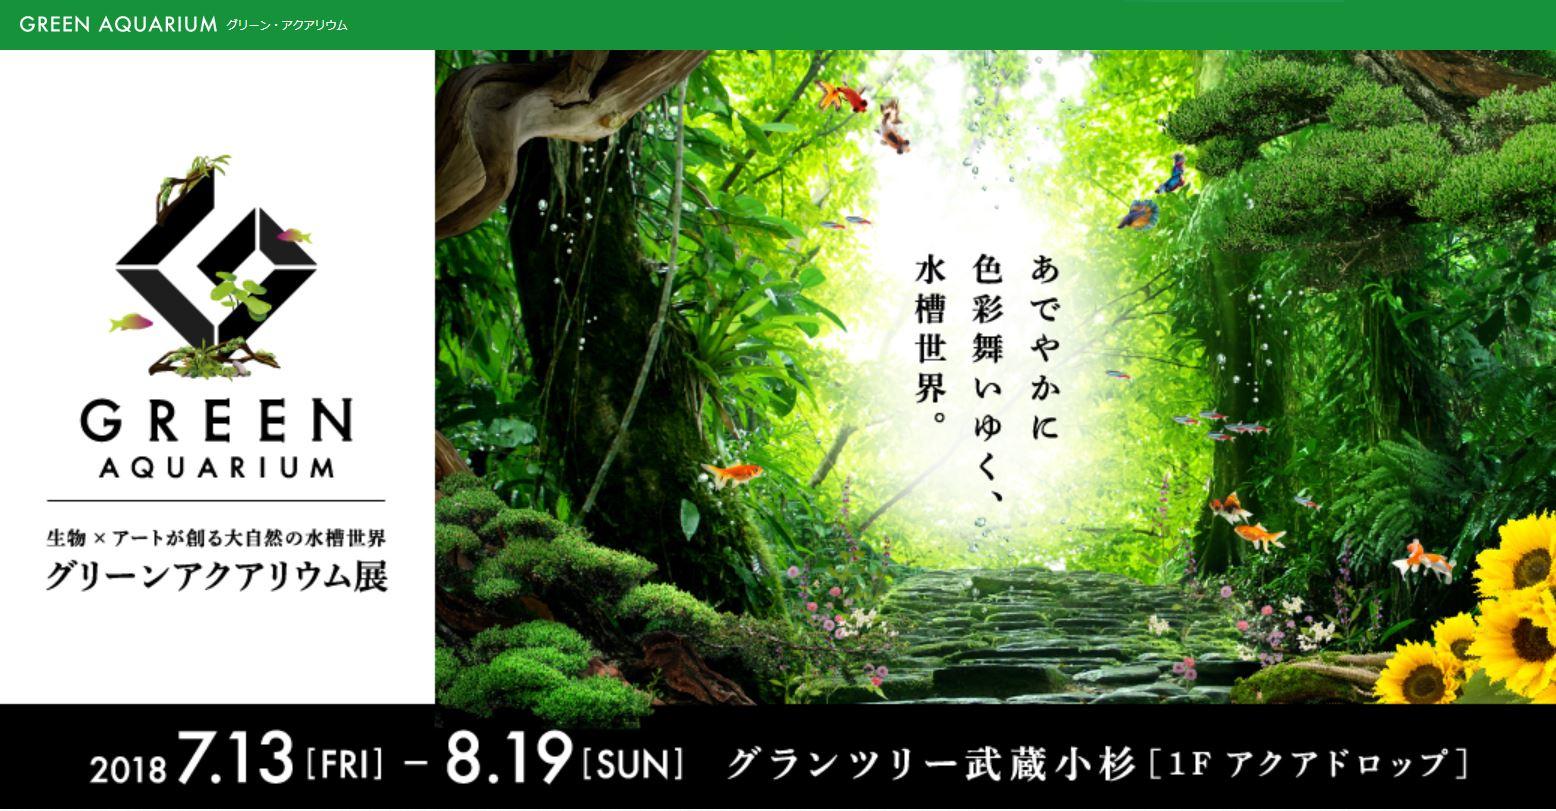 【イベント告知】グリーンアクアリウム展開催中